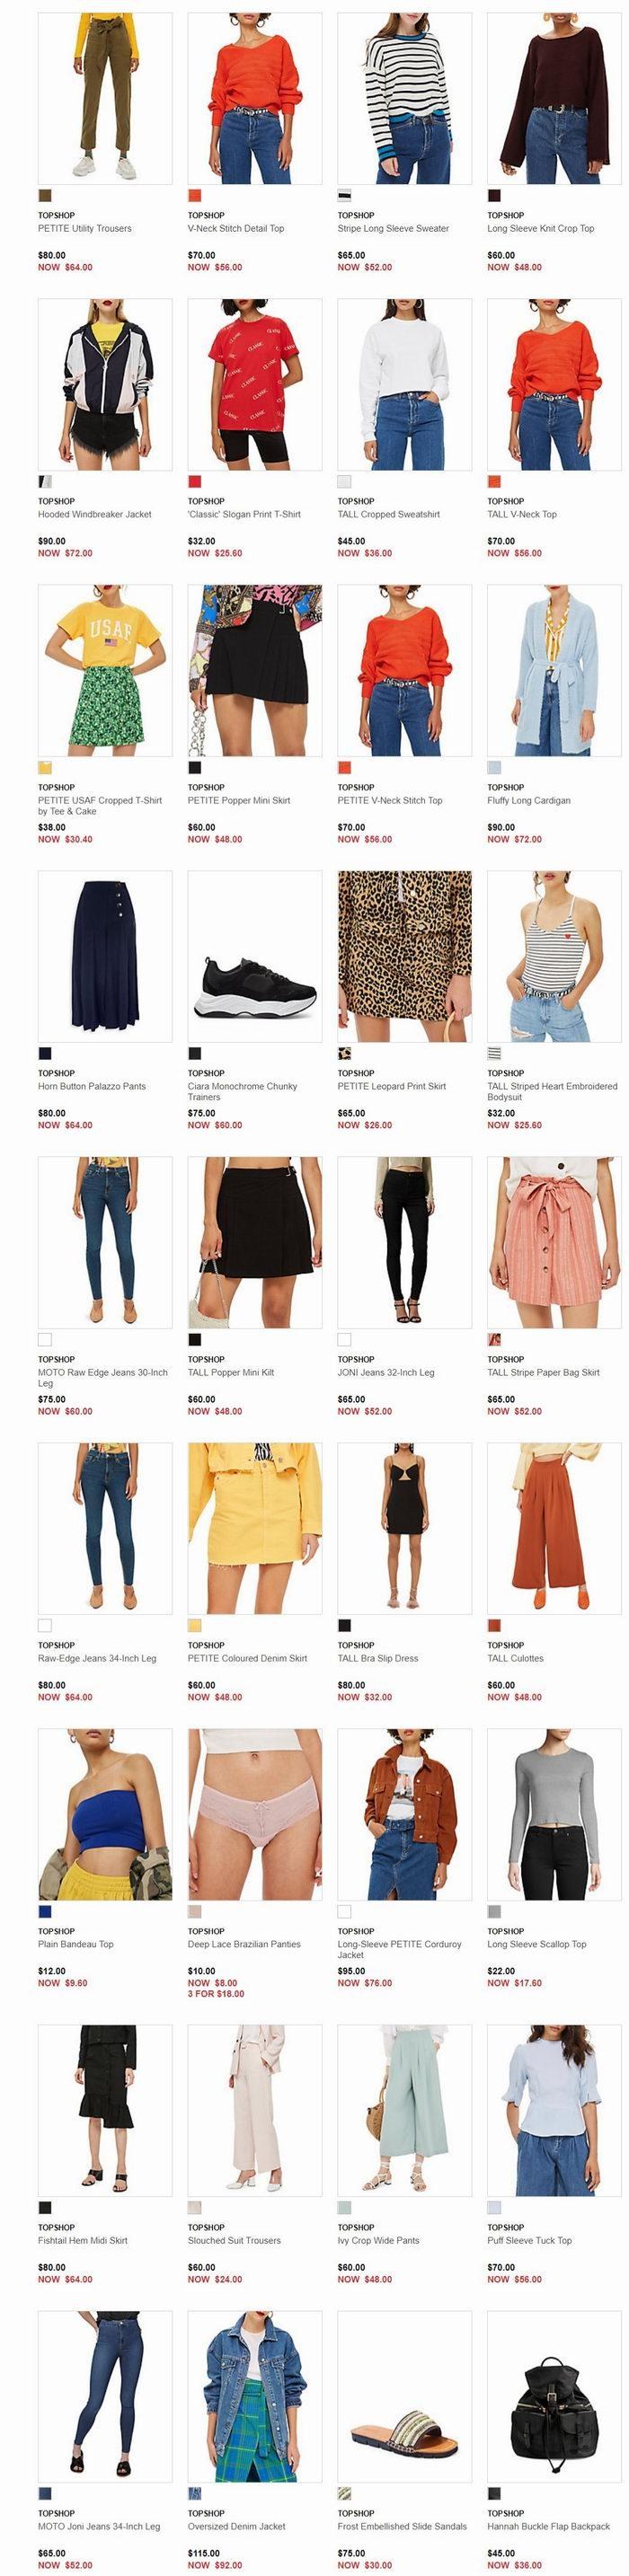 Topshop 2018秋季潮服、美包、美鞋 4折起+额外8折+满175加元减25加元